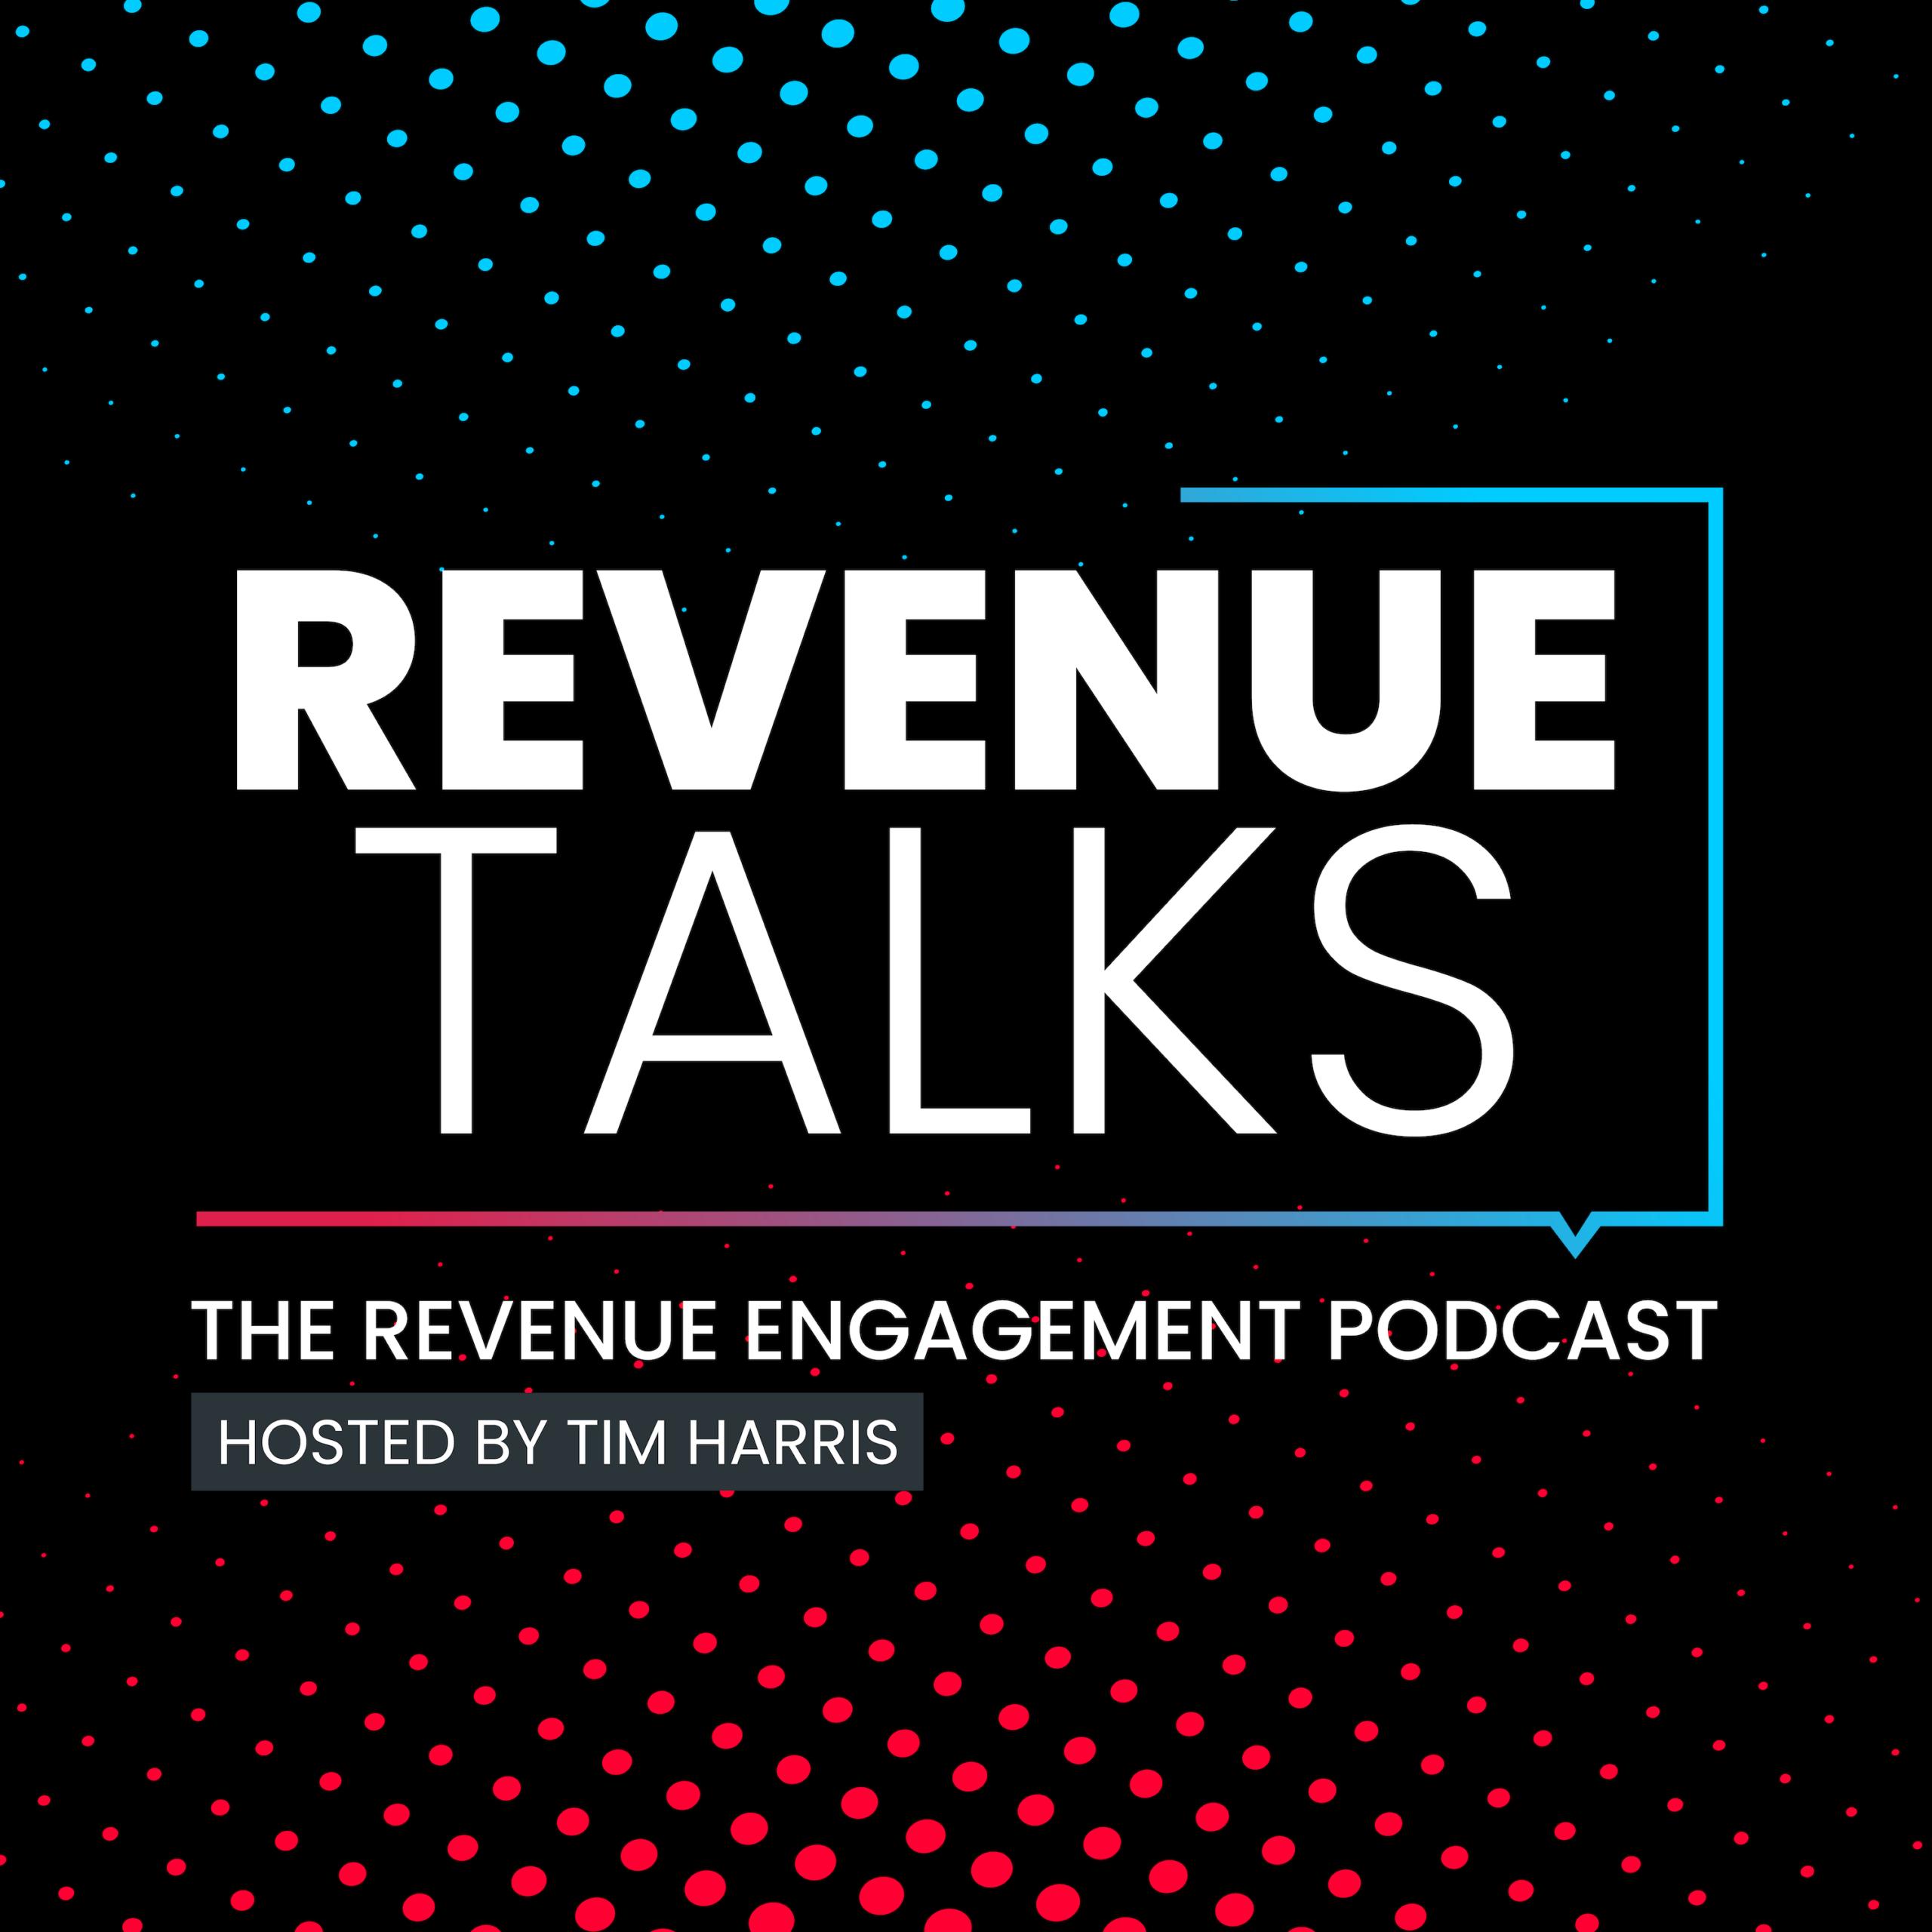 Revenue Engagement Podcast